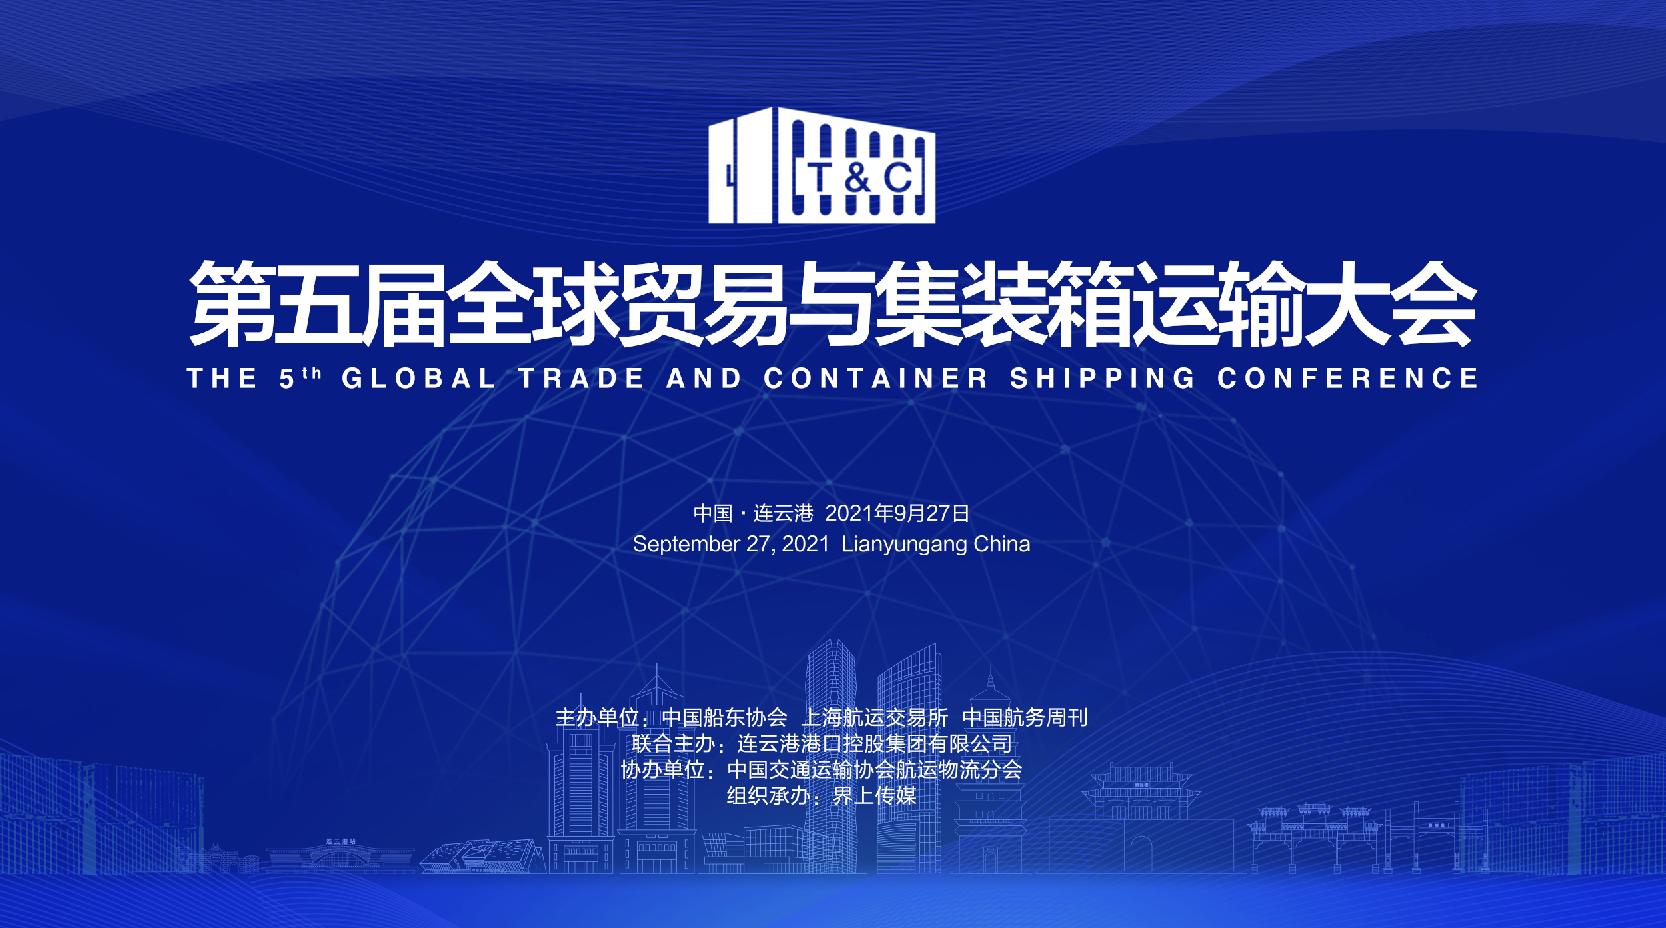 【物流+直播】第五届全球贸易与集装箱运输大会